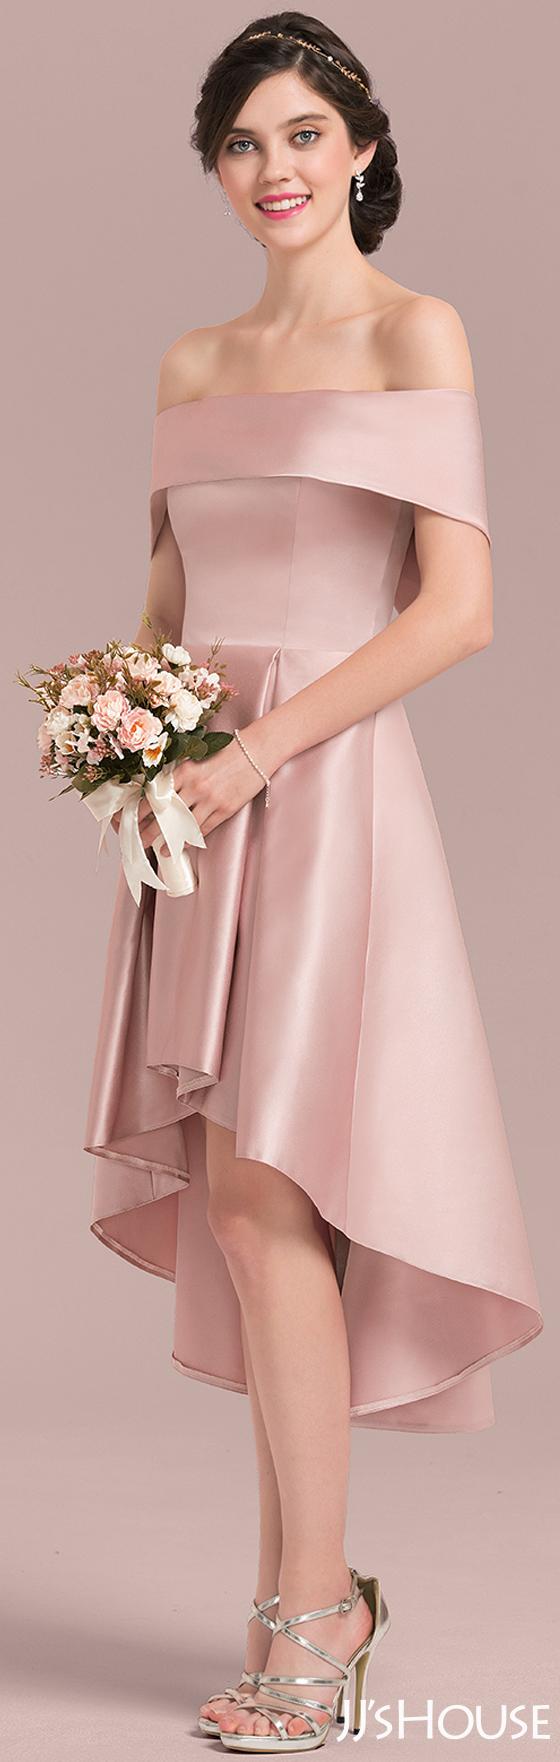 Pin de Gisela Cuesta en moda fashion | Pinterest | Vestiditos, Falda ...